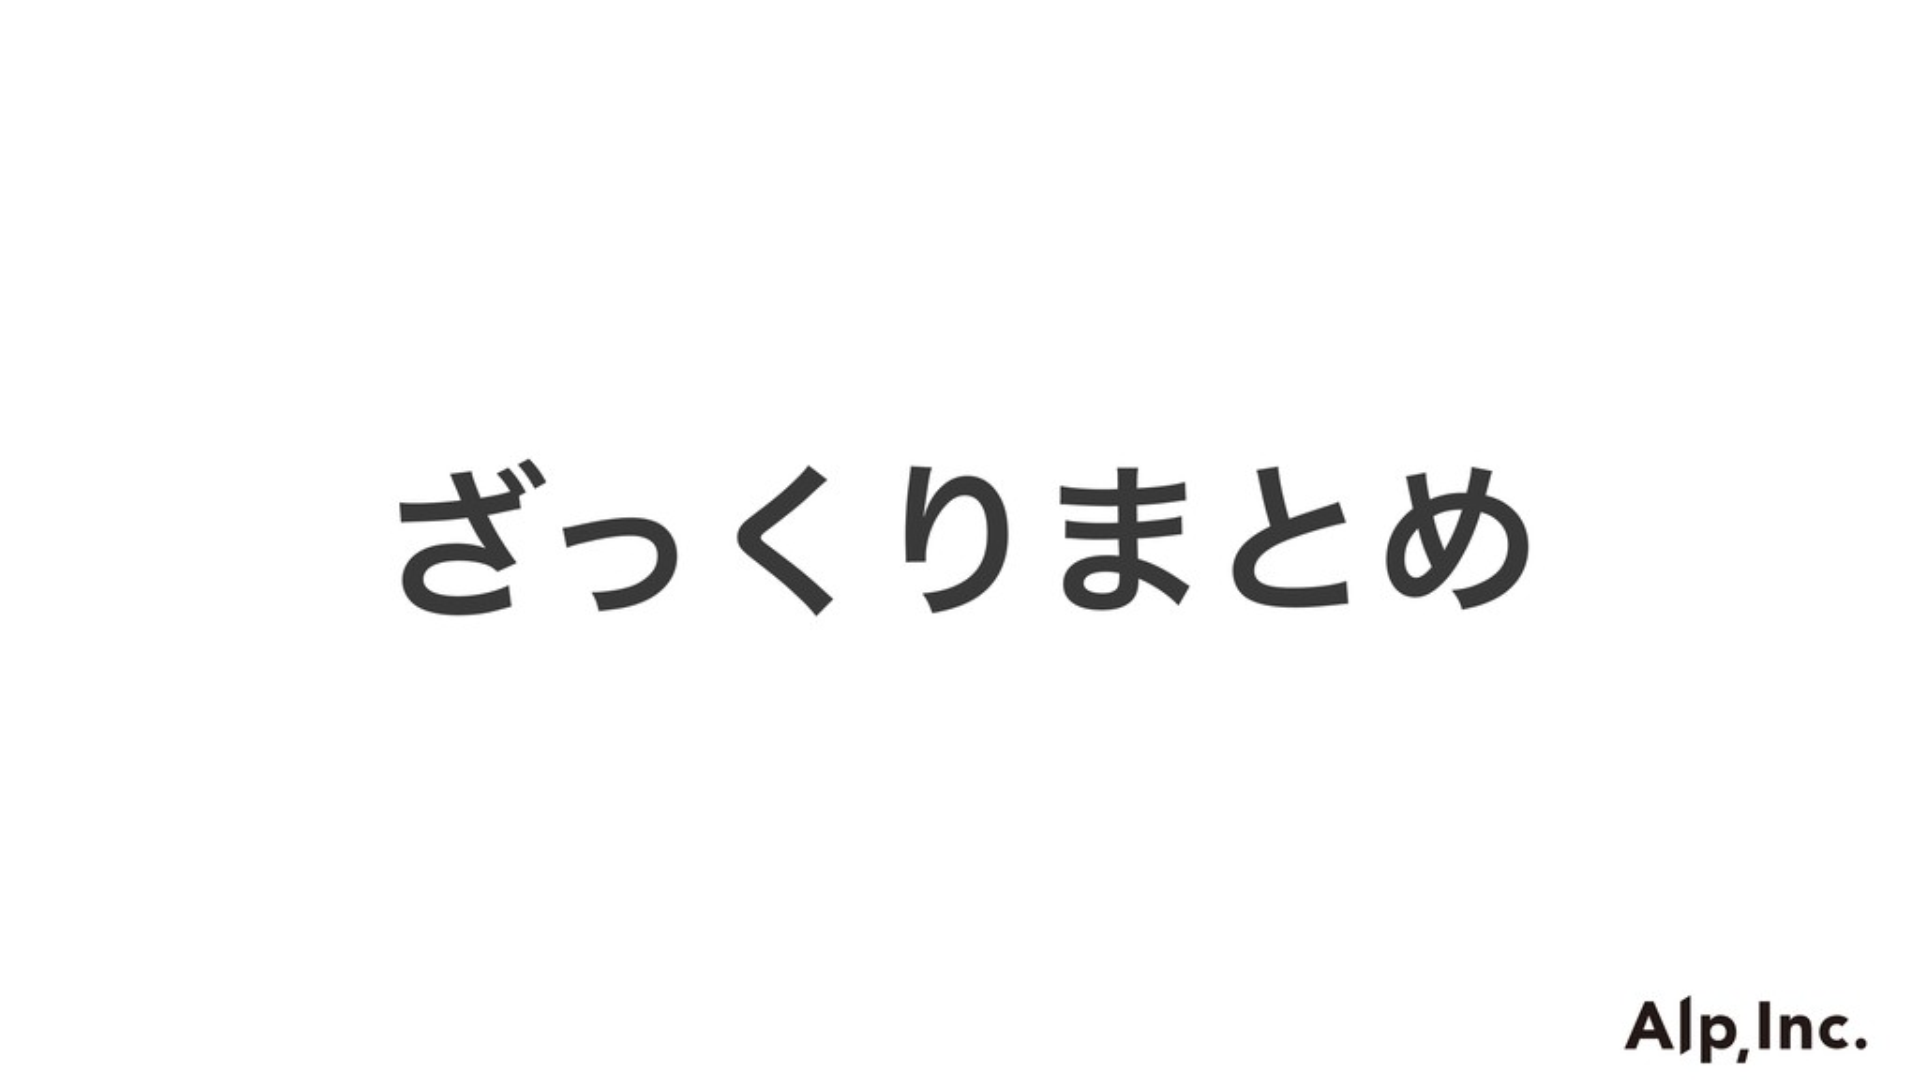 ͬ͘͟Γ·ͱΊ